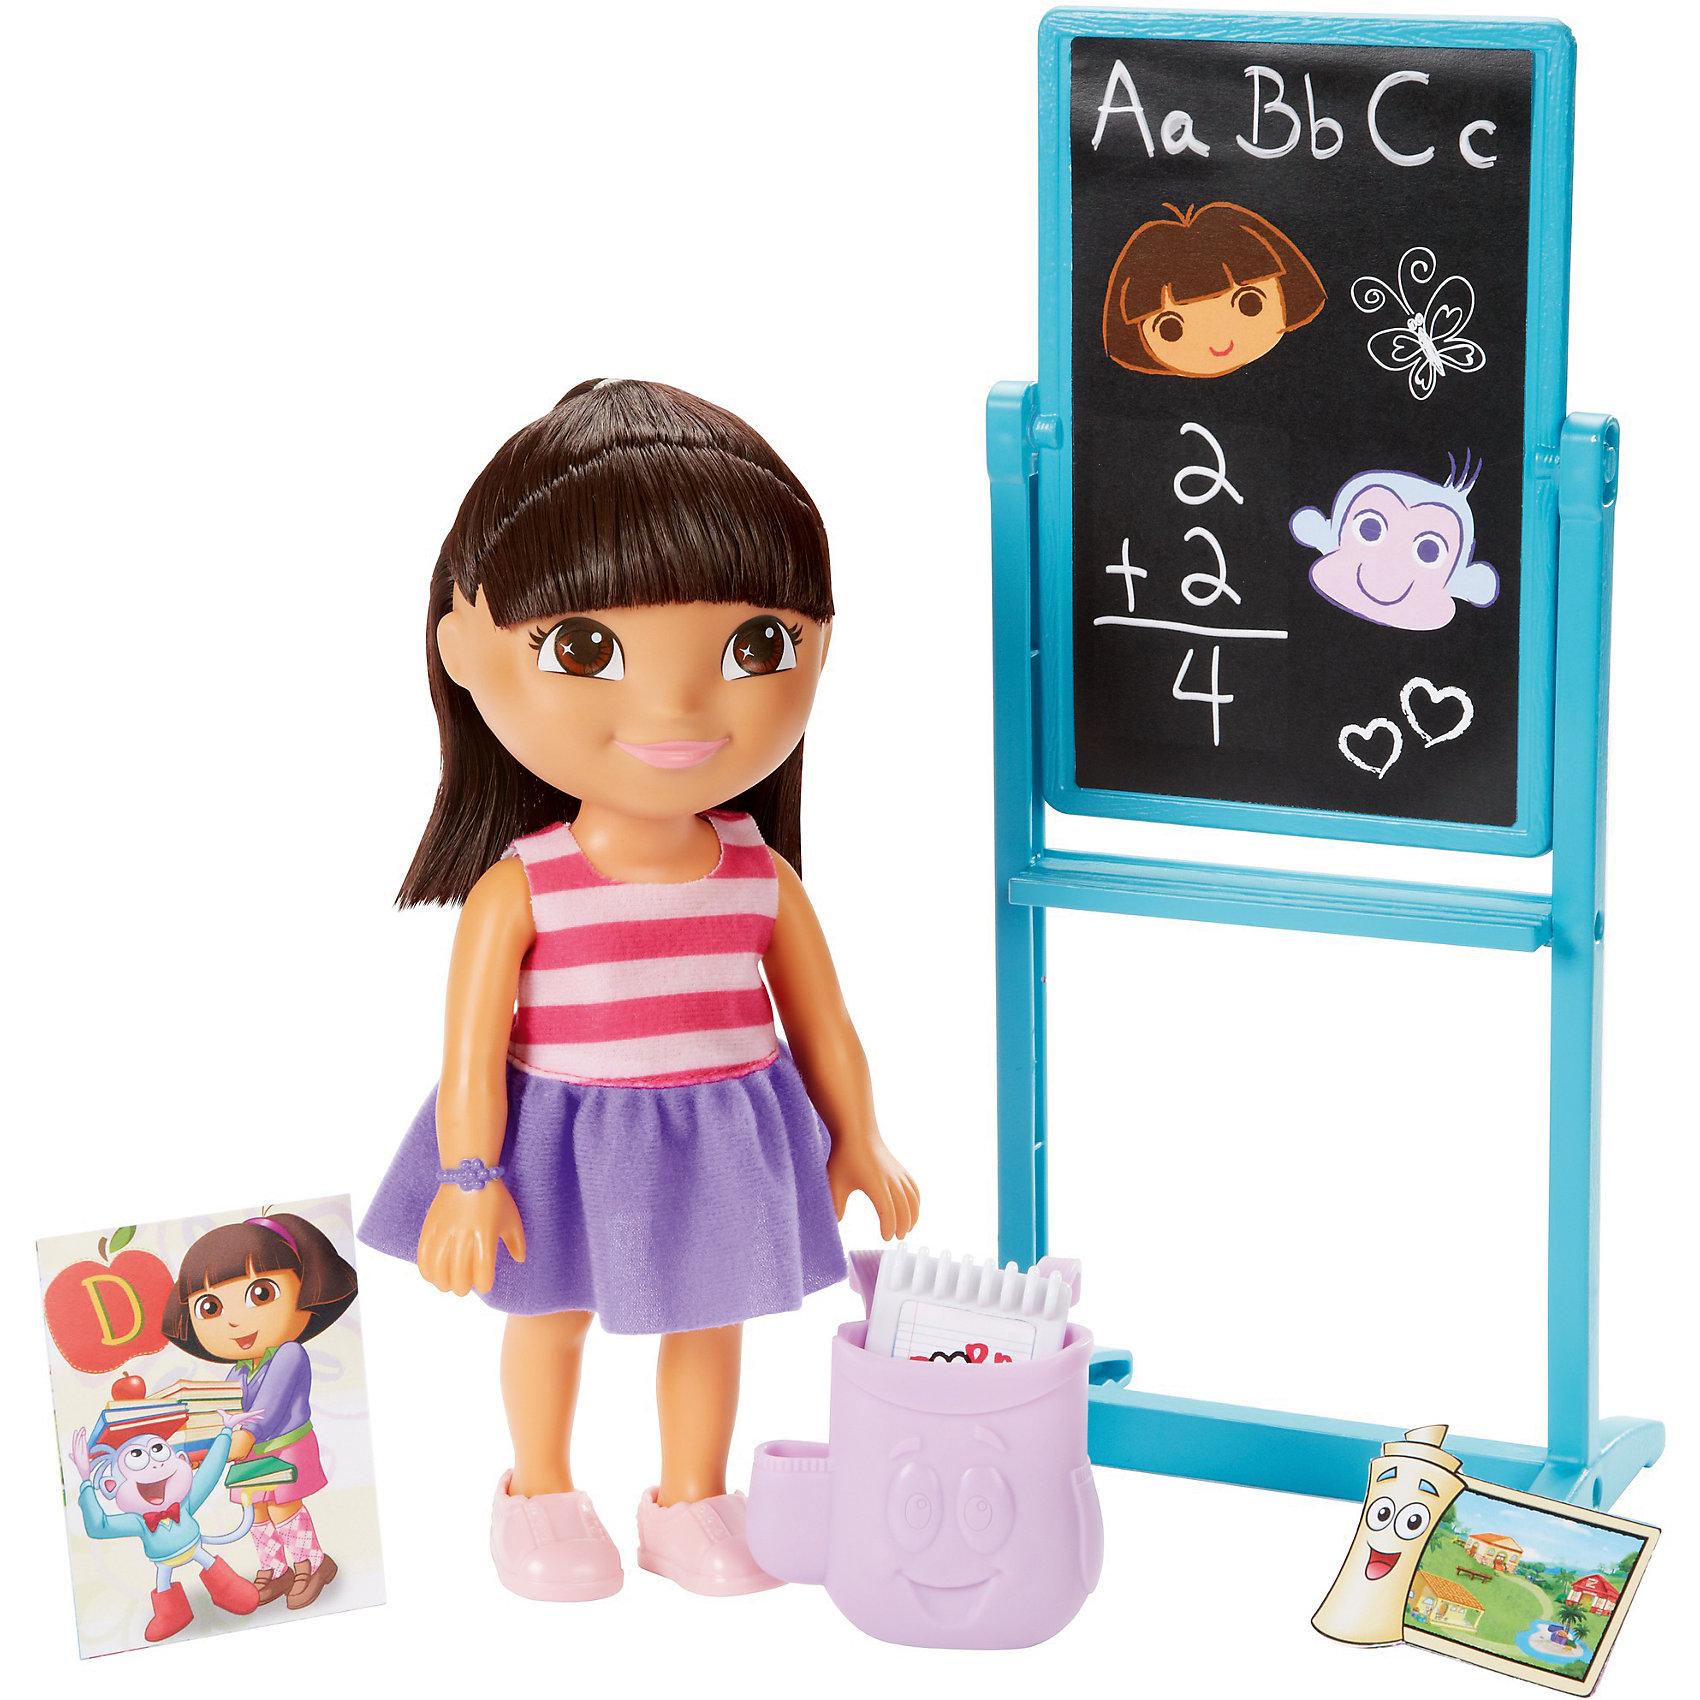 Игровой набор, Fisher Price, Даша-путешественница, Набор с грифельной доскойКлассические куклы<br>Характеристики товара:<br><br>• возраст от 3 лет;<br>• материал: пластик, текстиль;<br>• в комплекте: кукла, аксессуары;<br>• высота фигурки 20 см;<br>• размер упаковки 28х23х7,5 см;<br>• вес упаковки 467 гр.;<br>• страна производитель: Китай.<br><br>Игровой набор «Даша путешественница» Fisher Price создан по мотивам известного мультсериала про улыбчивую и любопытную Дашу. Даша отправляется в школу, где ей предстоит узнать много нового и интересного. Она берет с собой свой стильный рюкзачок, блокнот и дневник. С куклой девочка сможет придумать захватывающие и увлекательные истории для игр. <br><br>Игровой набор «Даша путешественница» Fisher Price можно приобрести в нашем интернет-магазине.<br><br>Ширина мм: 230<br>Глубина мм: 75<br>Высота мм: 280<br>Вес г: 467<br>Возраст от месяцев: 36<br>Возраст до месяцев: 120<br>Пол: Женский<br>Возраст: Детский<br>SKU: 6673339